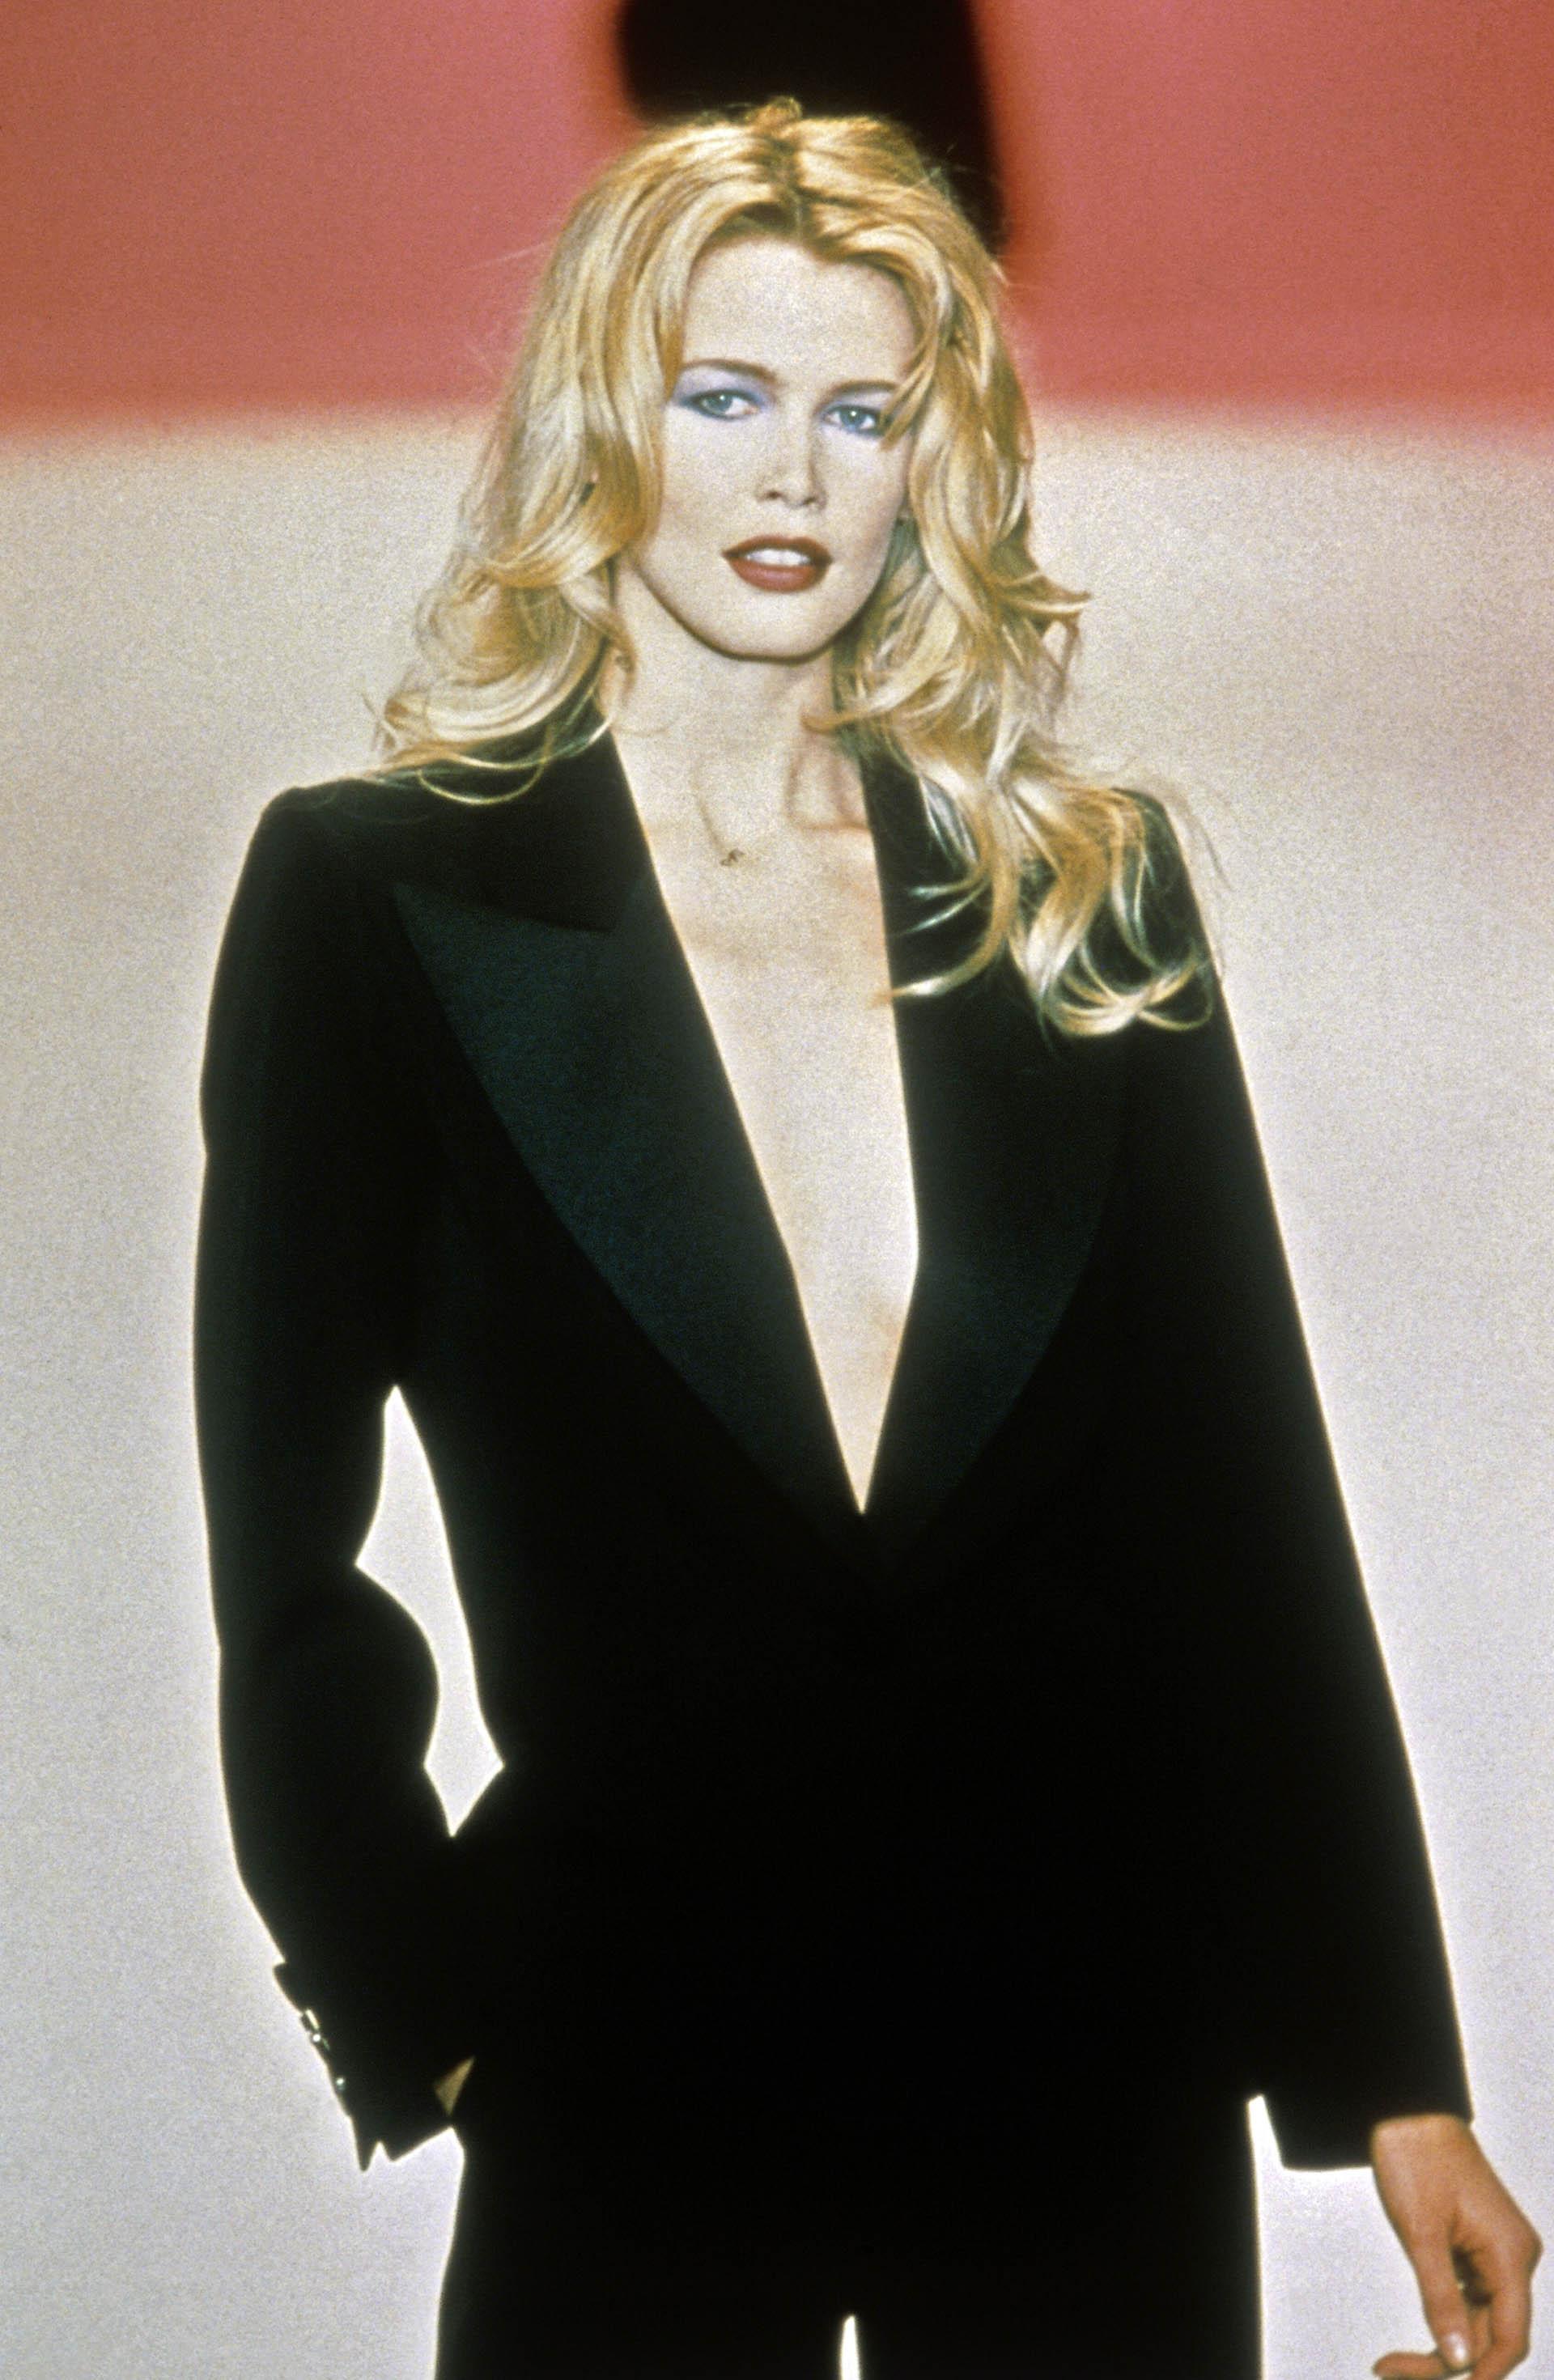 Estuvo en la portada de destacadas publicaciones como Vogue, Elle, Harper's Bazaar, Vanity Fair y Rolling Stone, entre otras